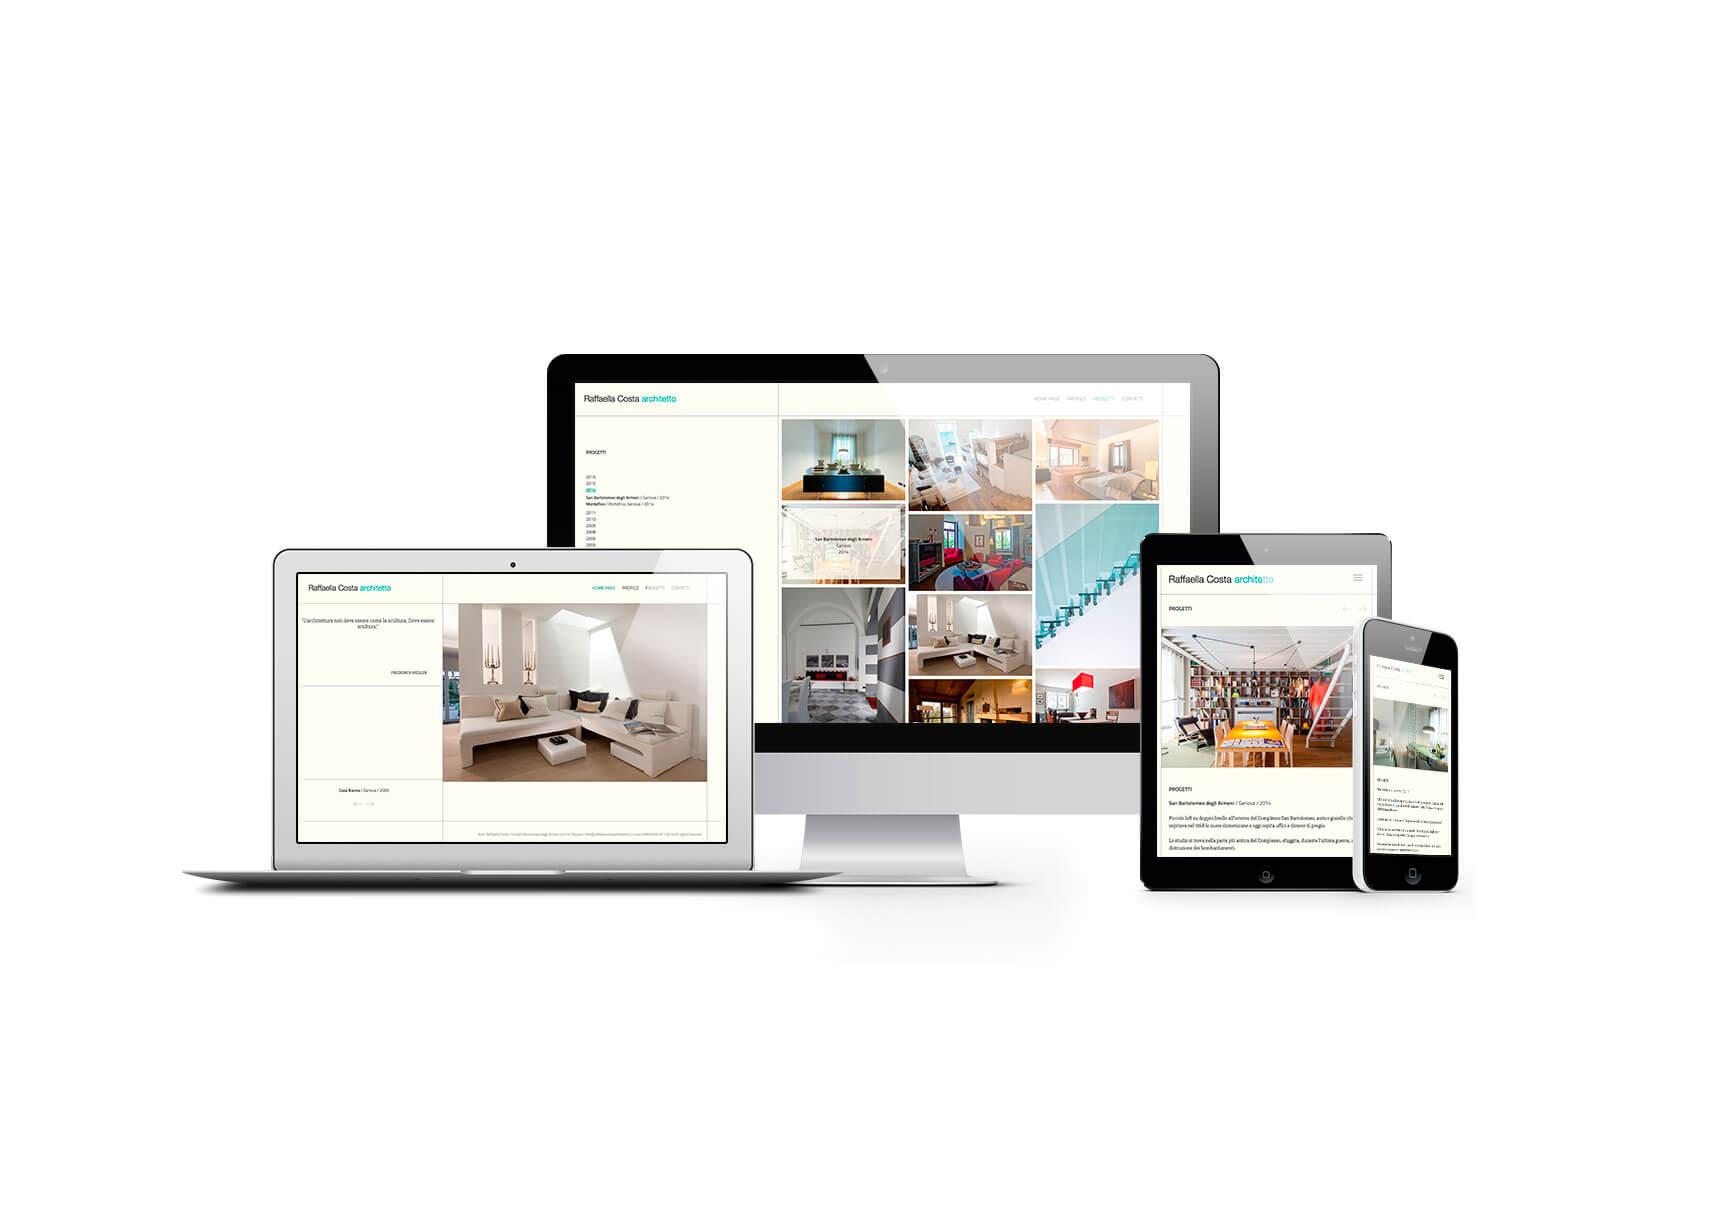 rmintlab-webdesign-raffaella-costa-architetto-01-mob